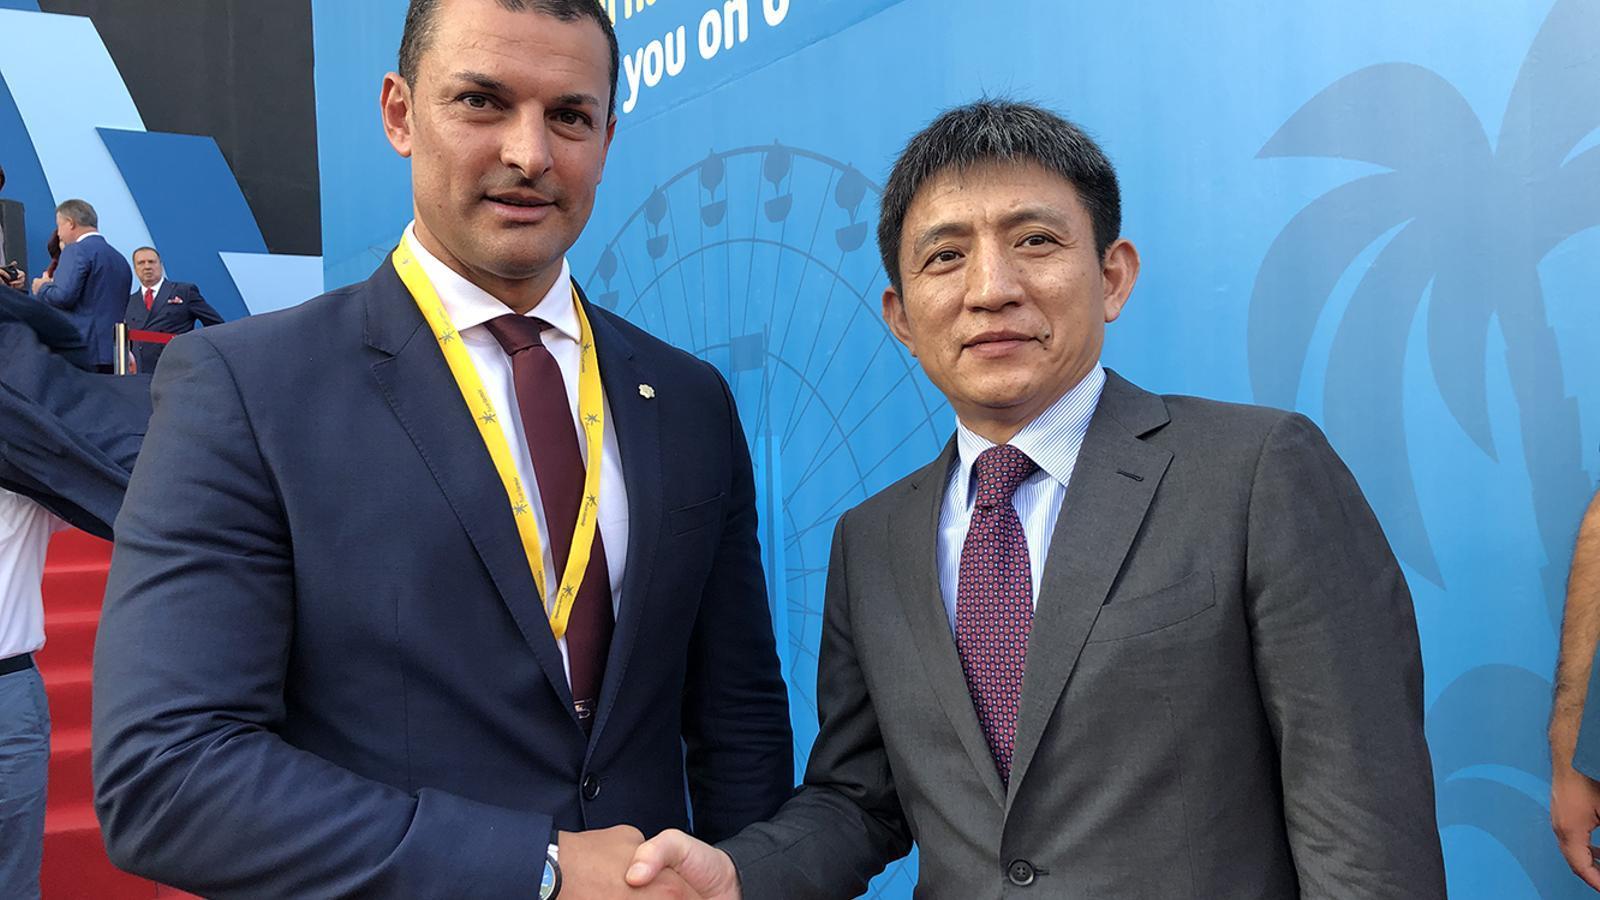 El ministre de Presidència, Economia i Empresa, Jordi Gallardo, amb el viceministre xinès de Comerç, Li Chenggang. / SFG